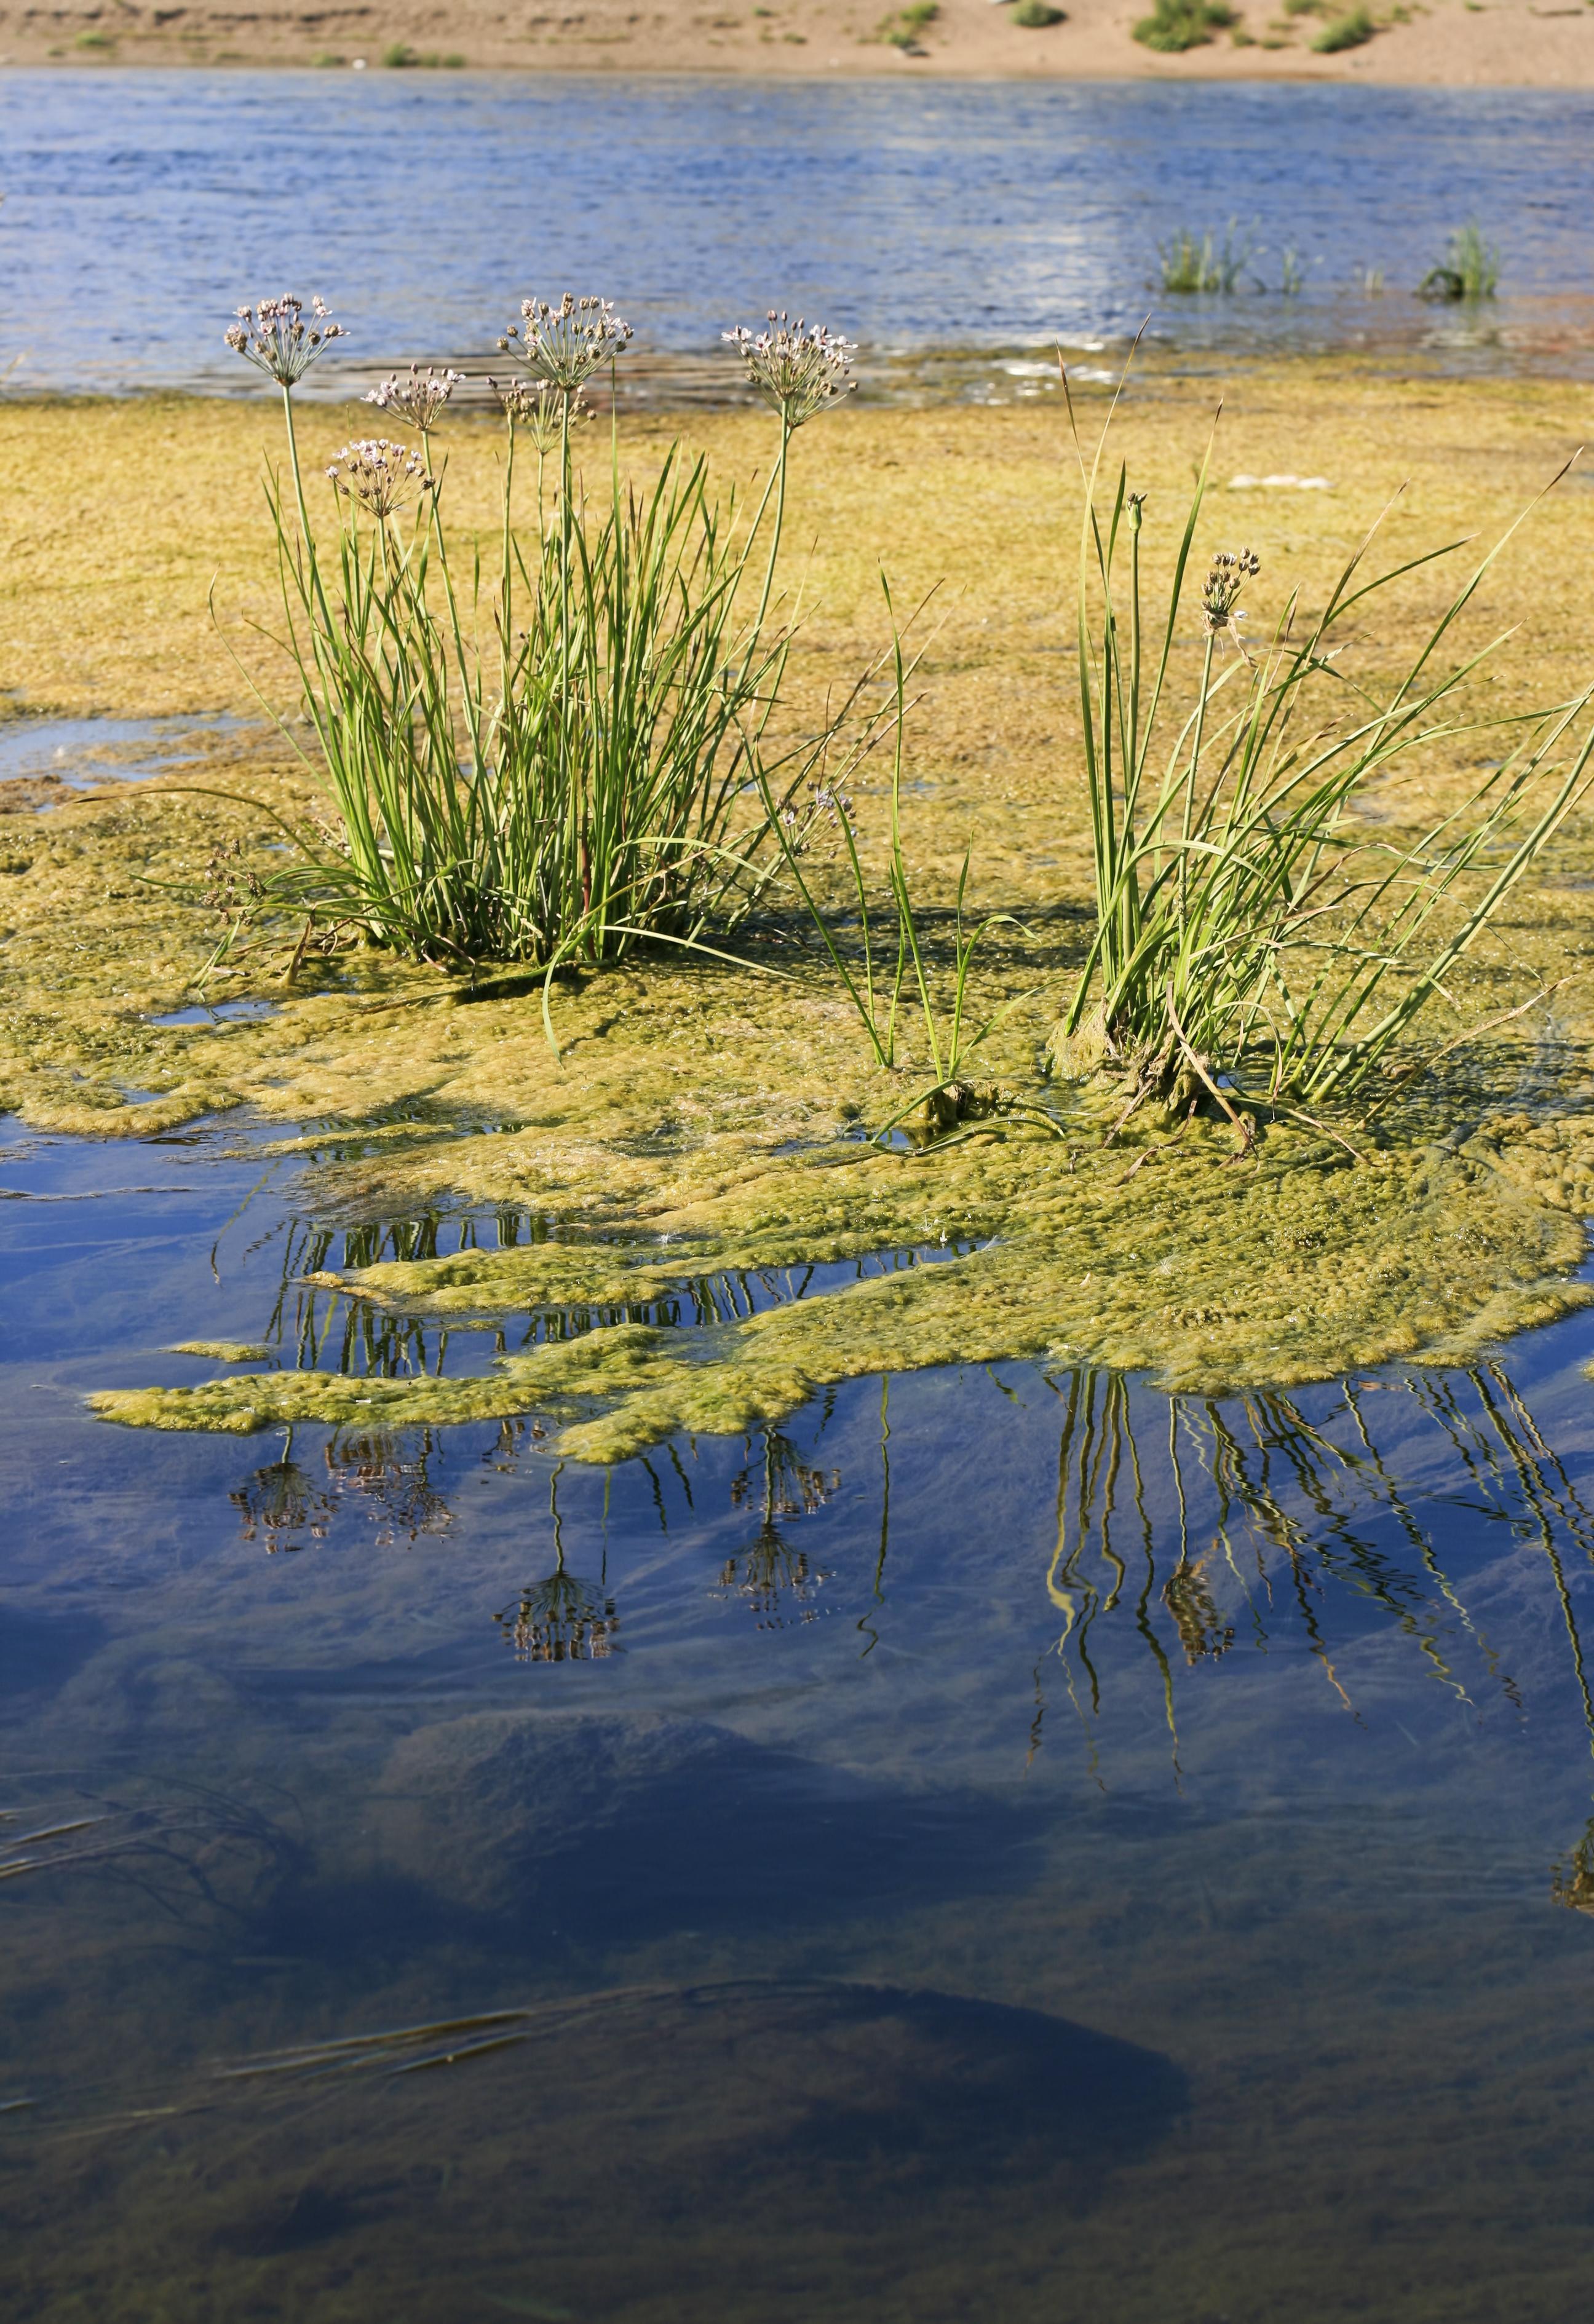 Water scene photo